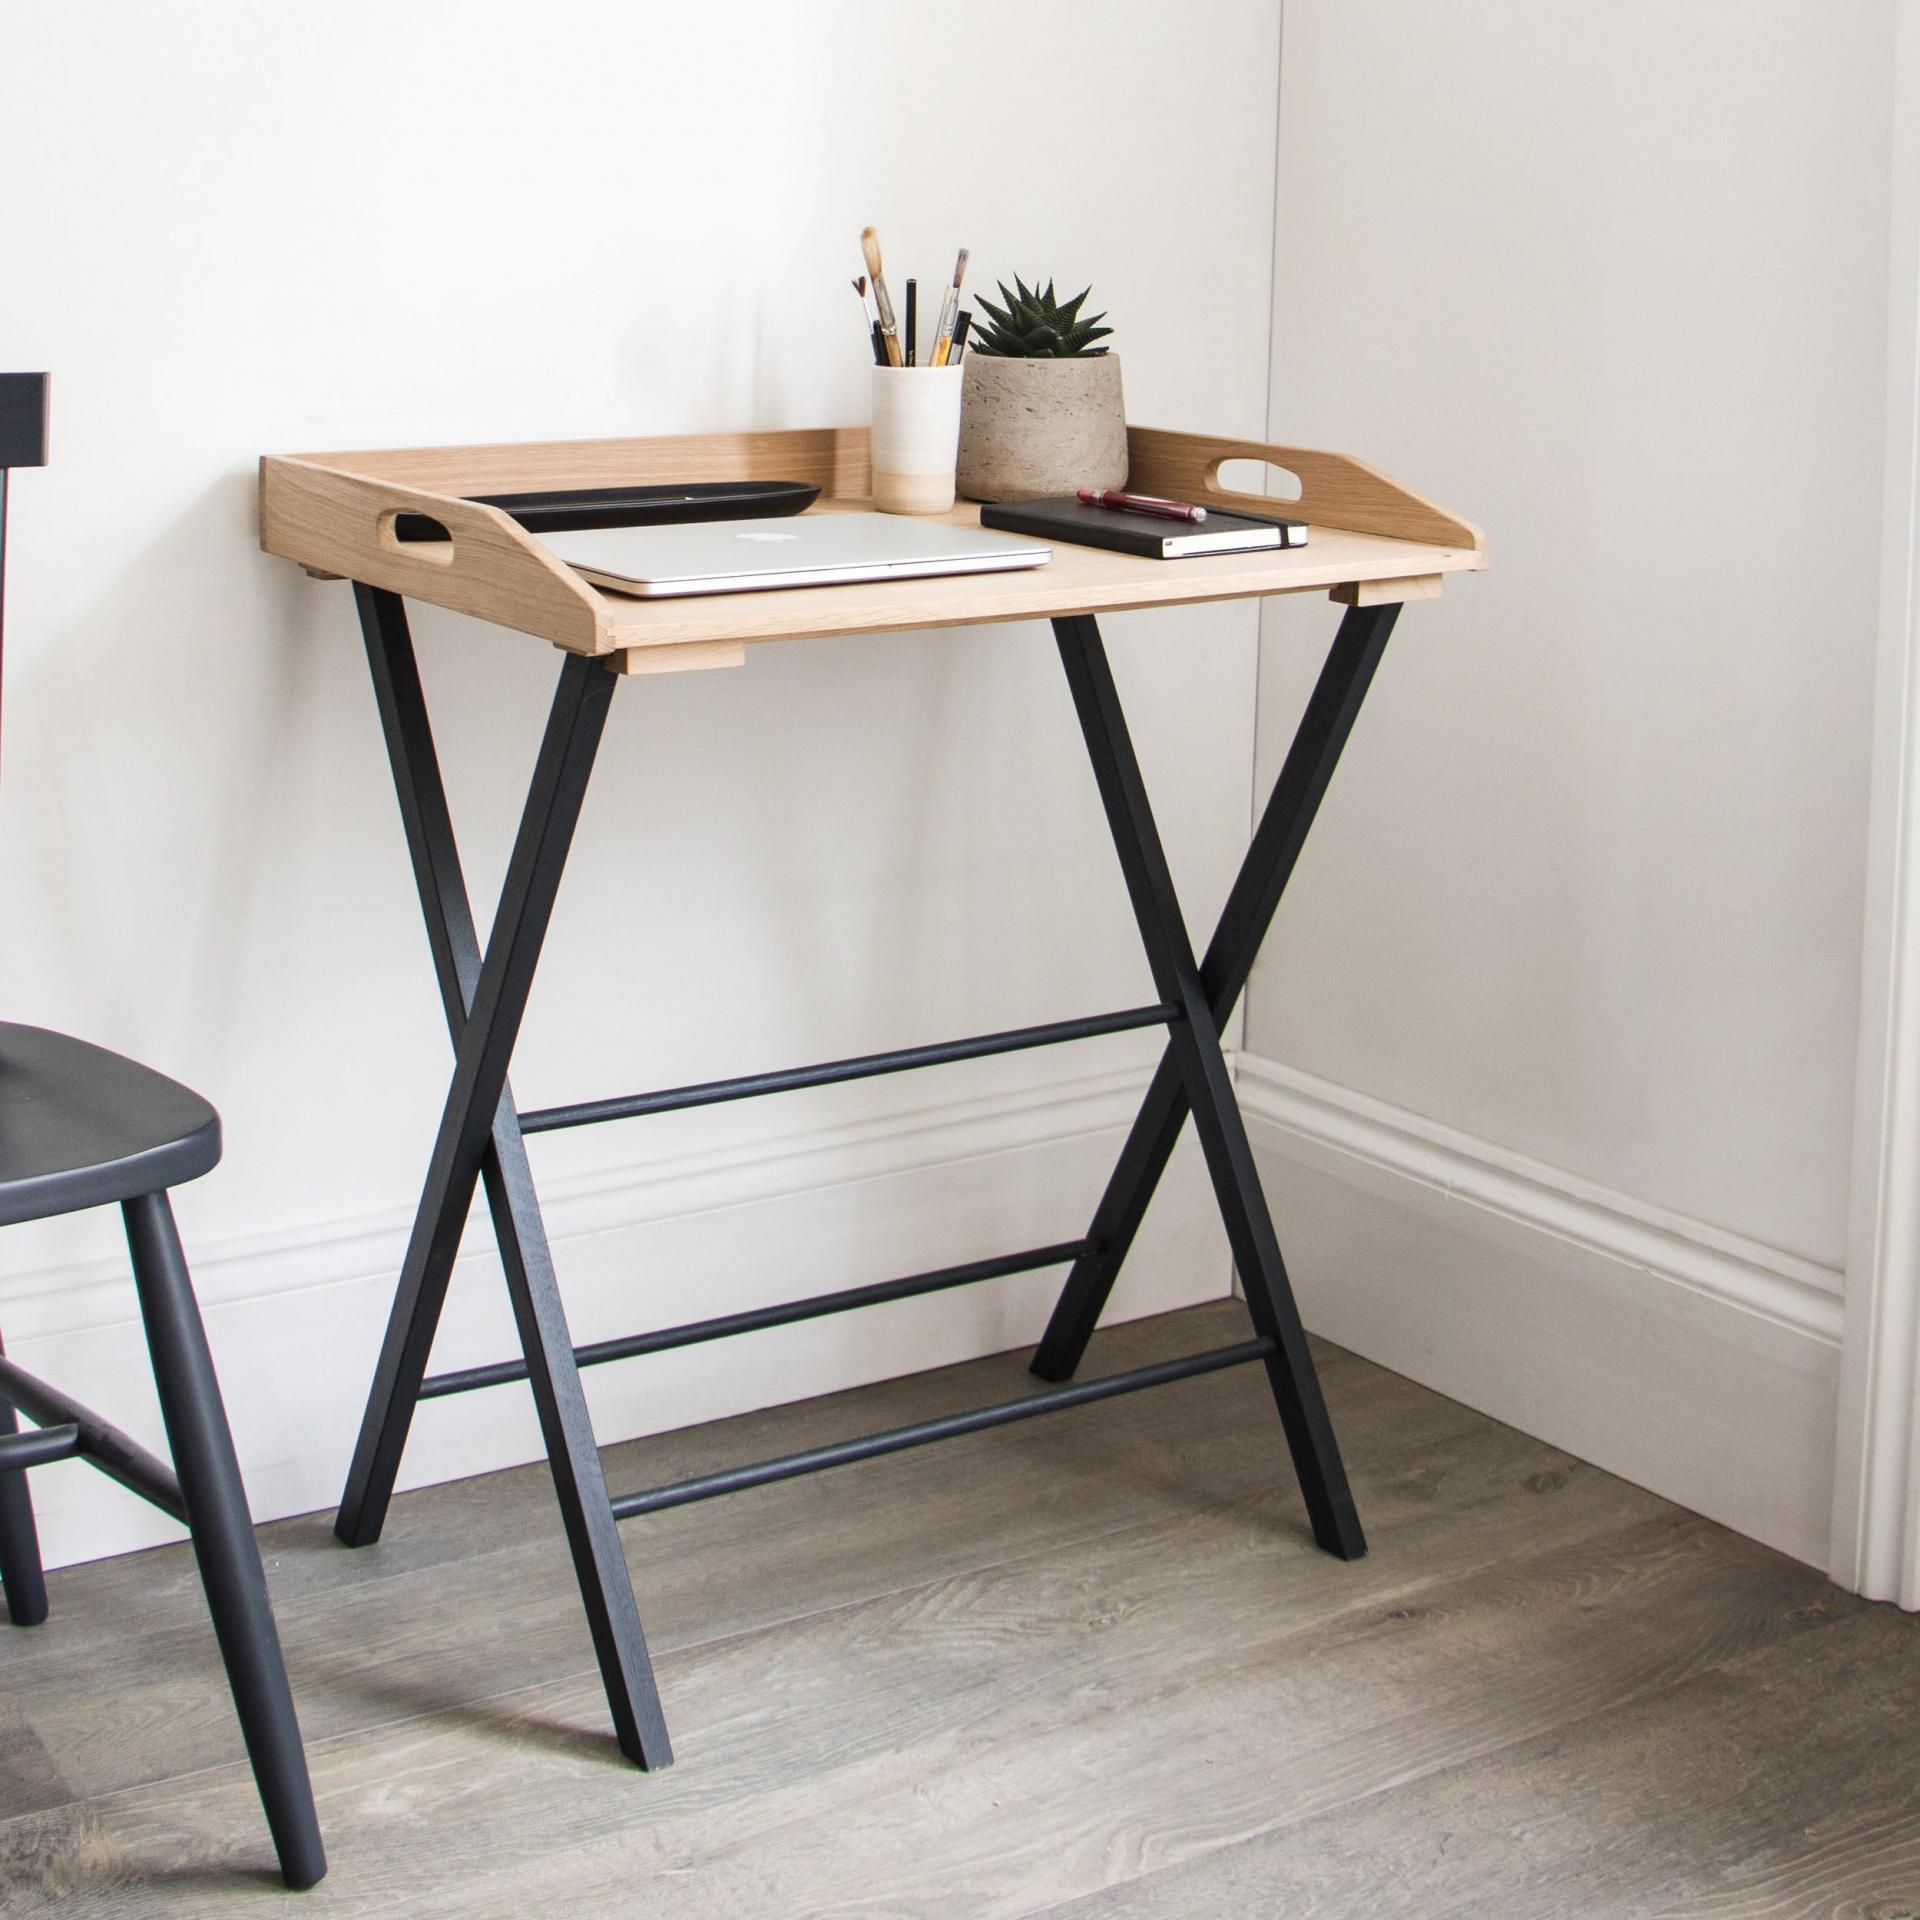 Garden Trading Skládací stolek Carbon Oak, černá barva, hnědá barva, dřevo, kov